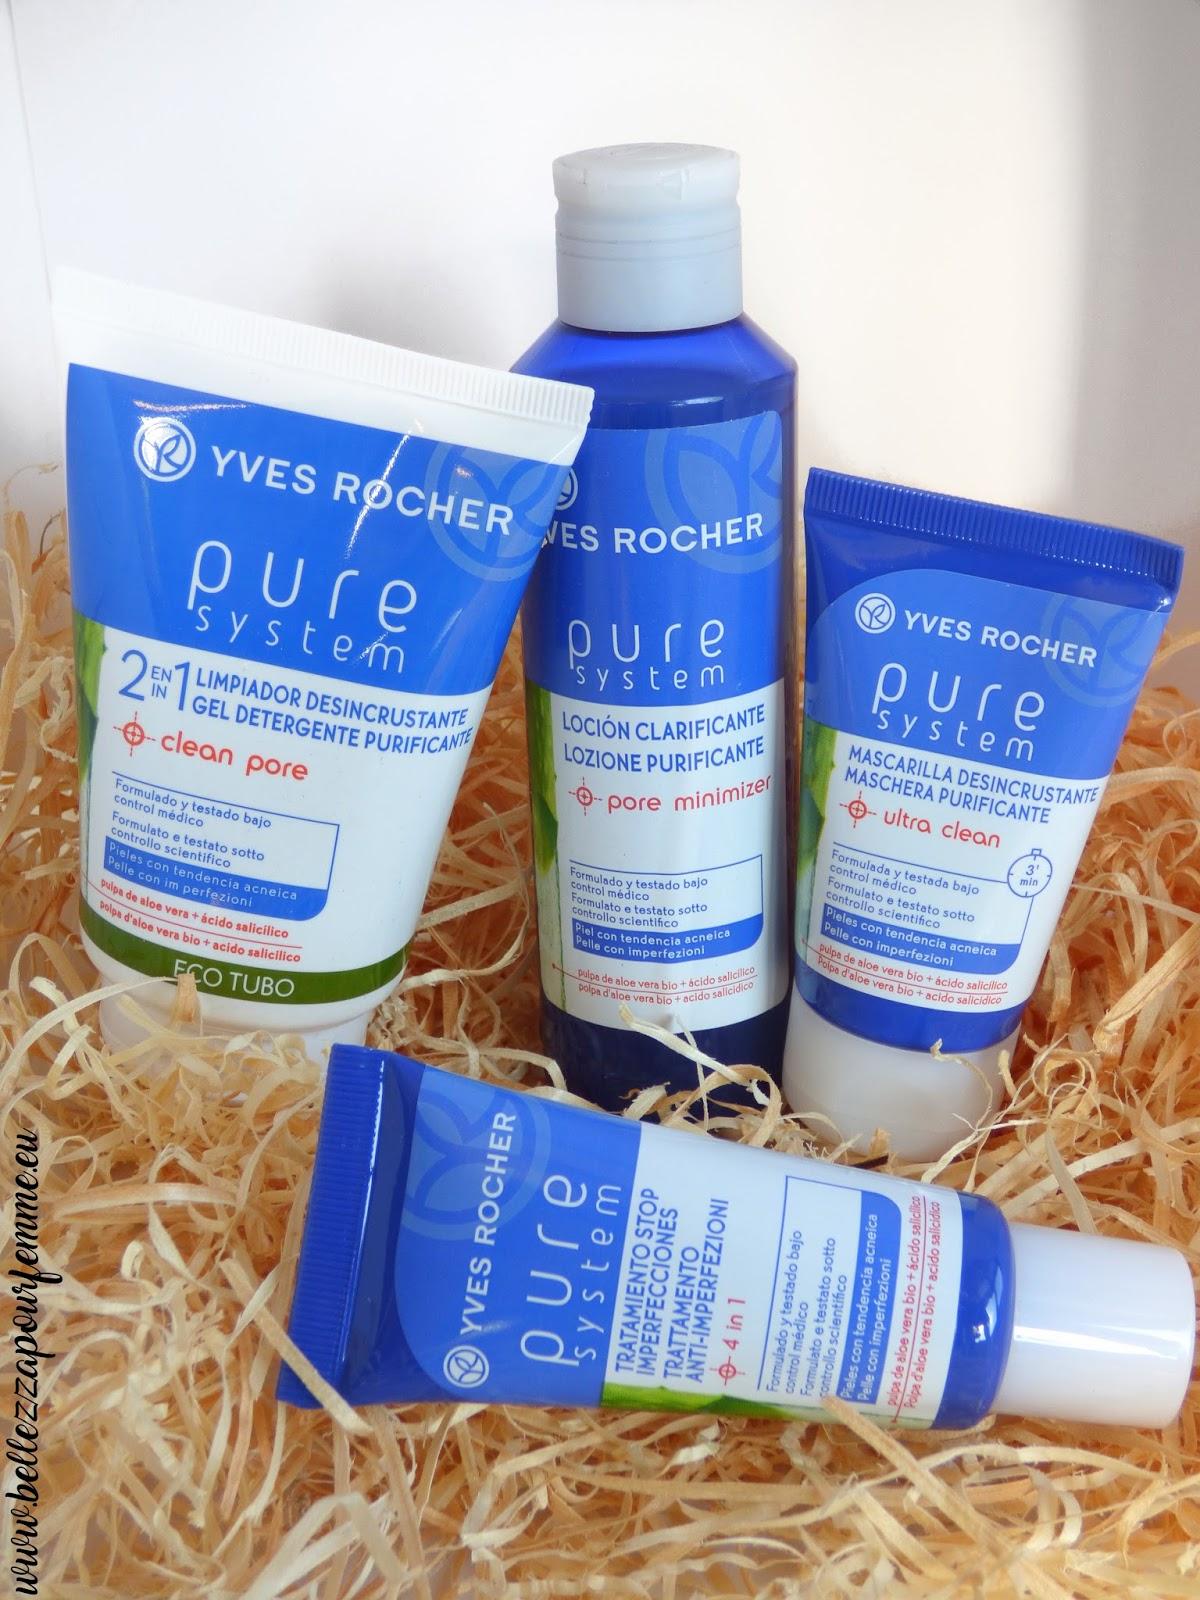 #pellegrassa Linea Pure System di Yvers Rocher